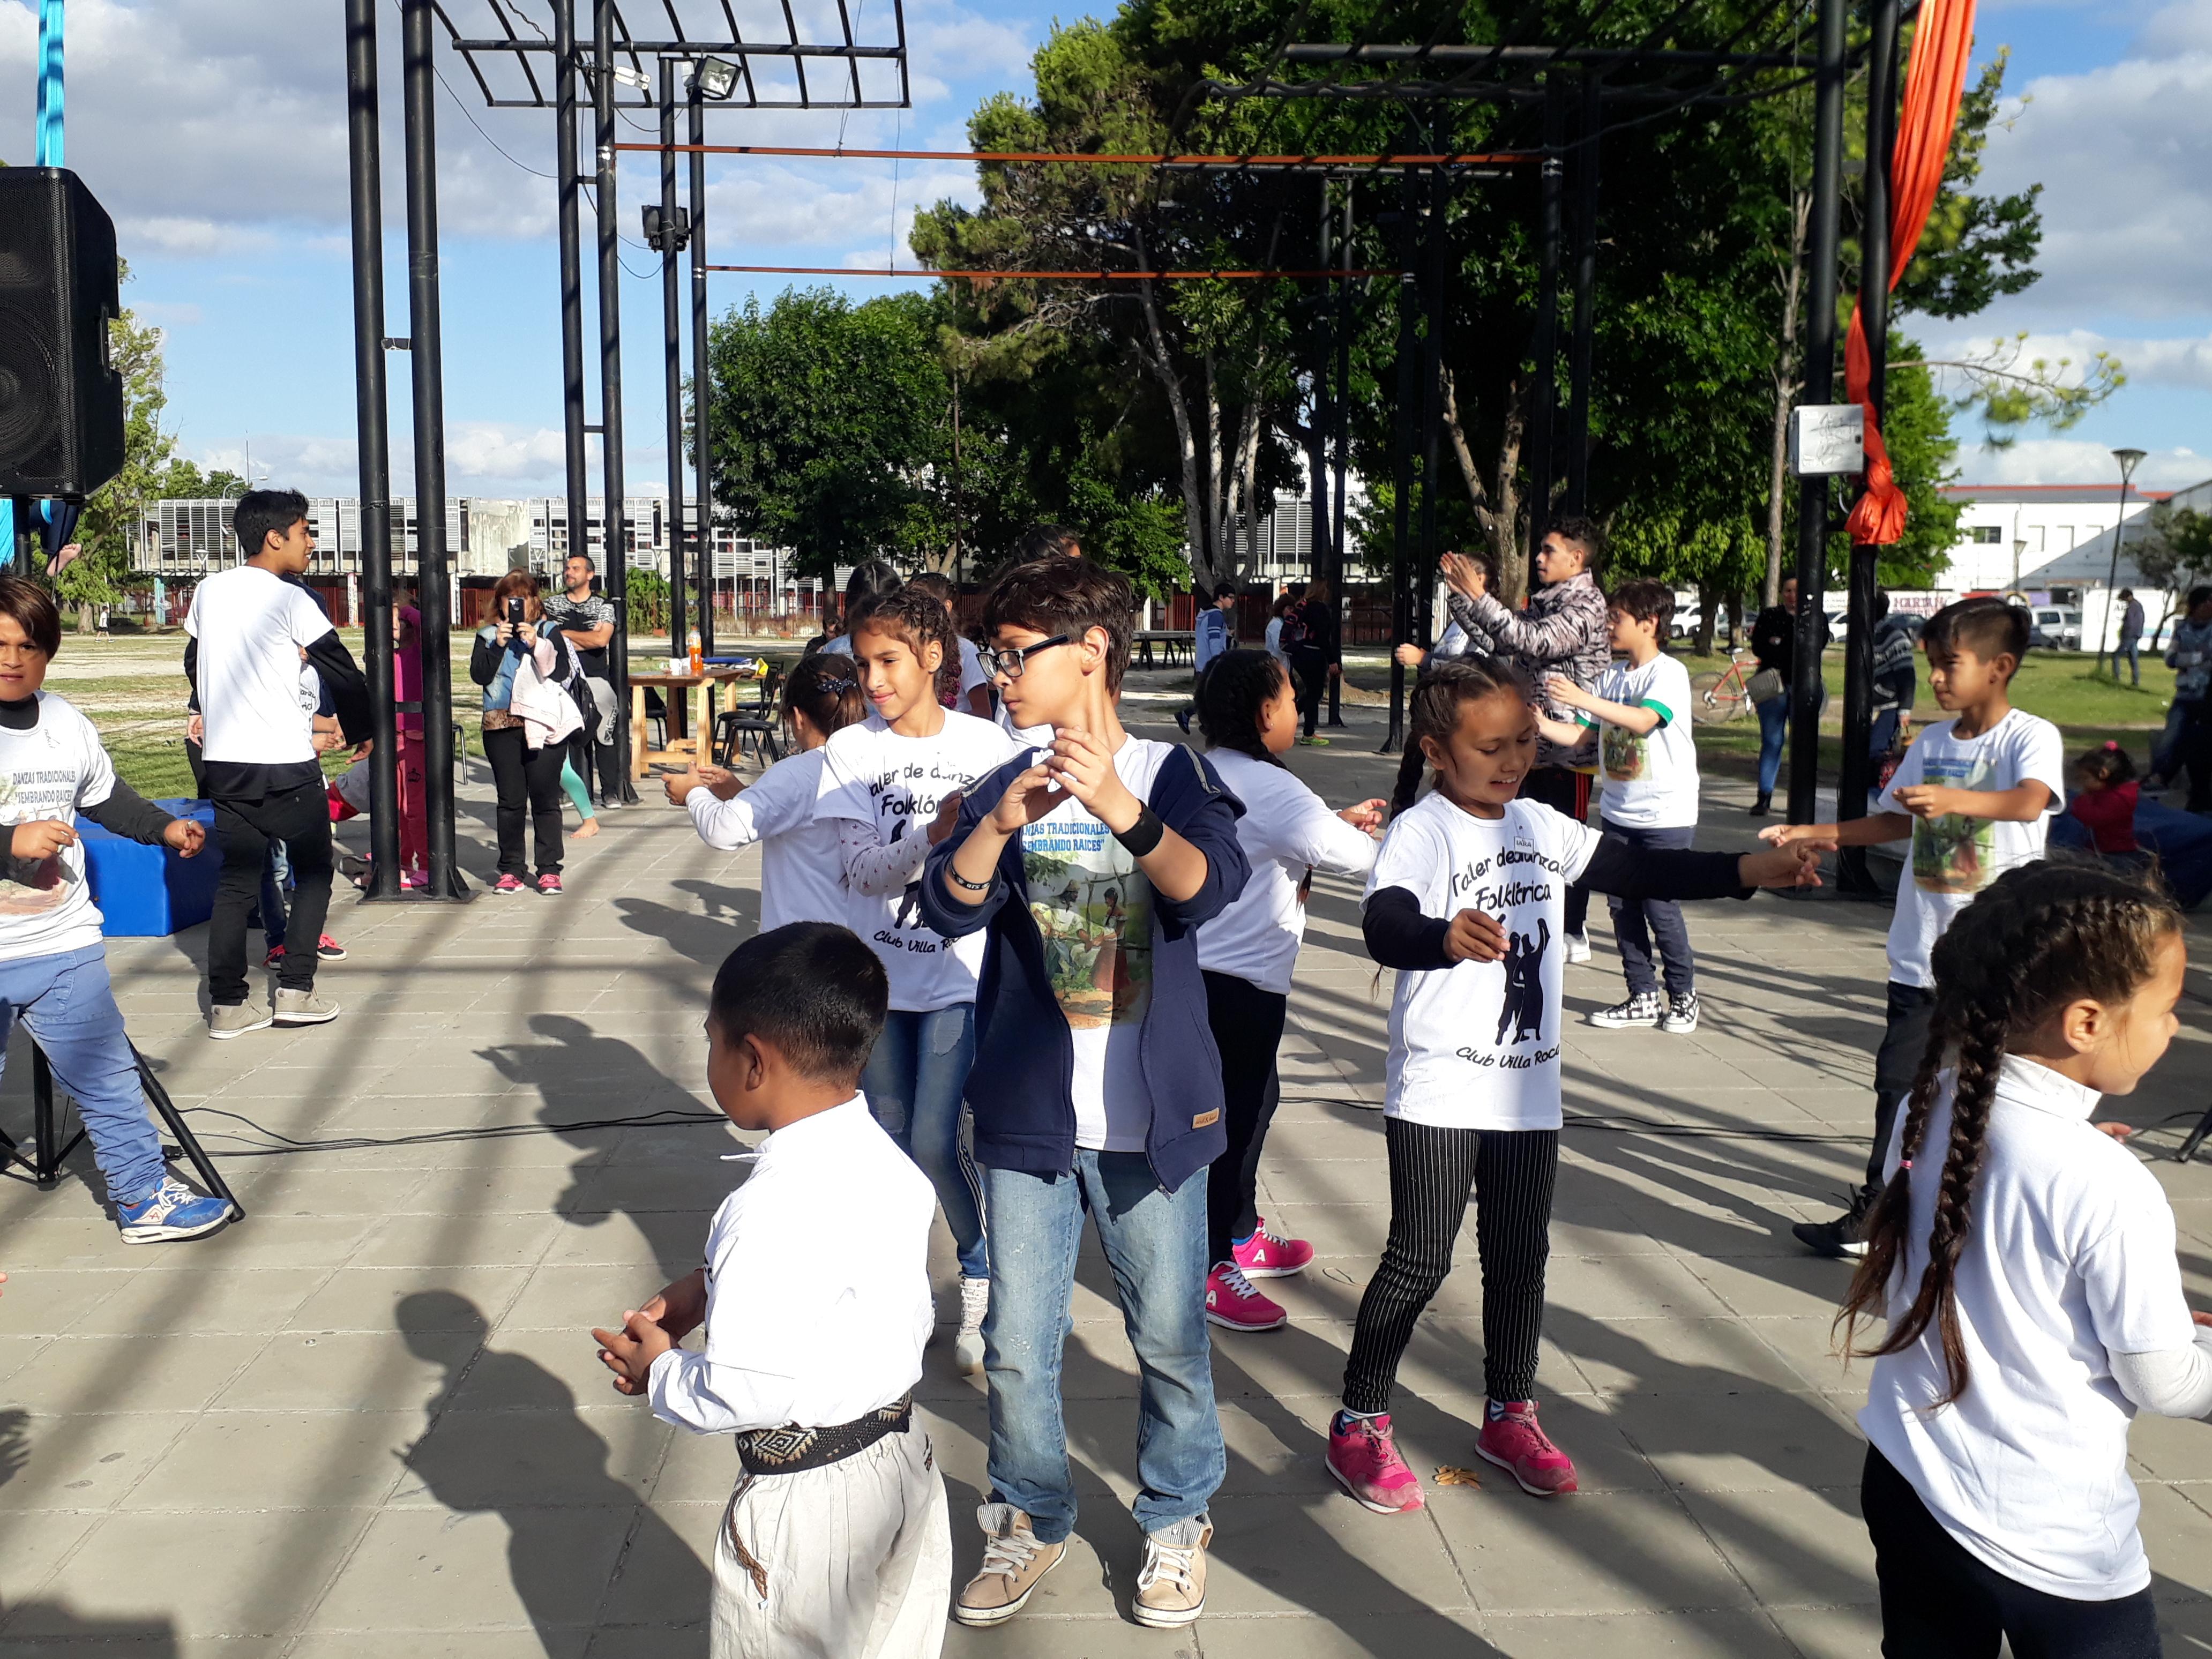 La Dirección de Cultura de la Municipalidad de Berisso realizó la muestra anual estática y dinámica en Casa de Cultura y en el Parque Cívico que contó con una importante cantidad de alumnos, docentes y público en general.